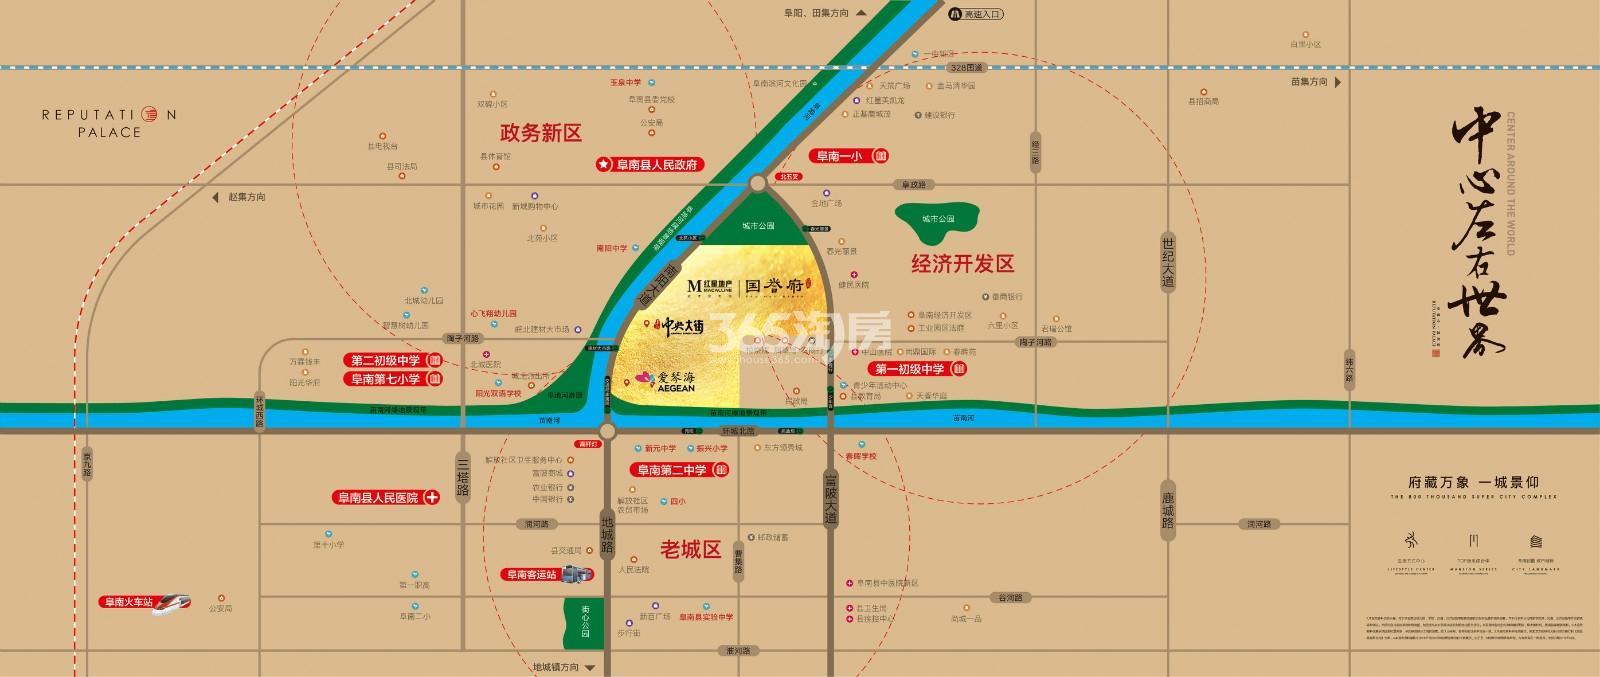 红星国誉府交通图